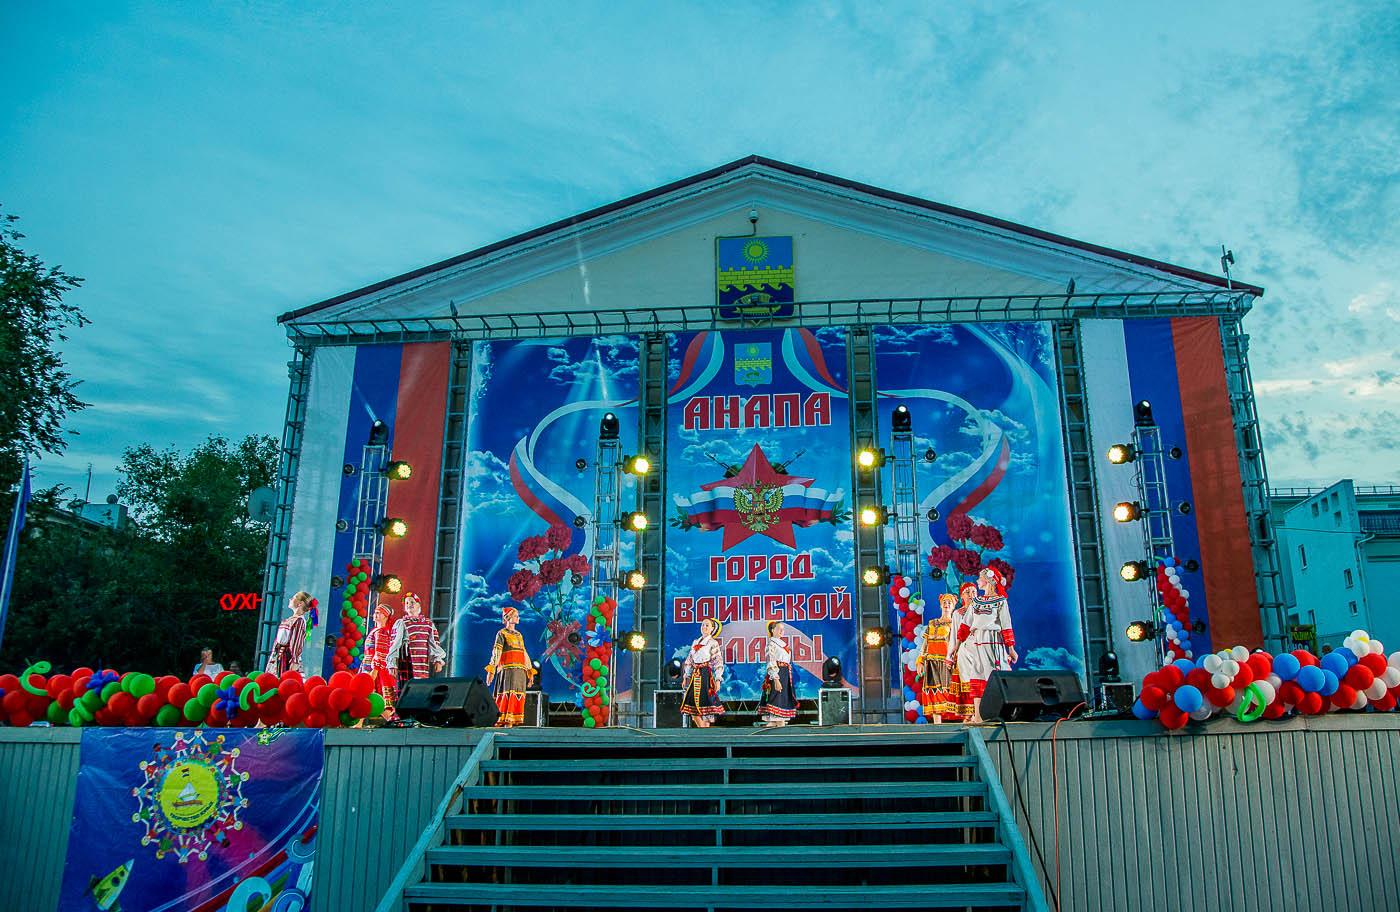 Анапа фестиваль России и Белоруссии фото